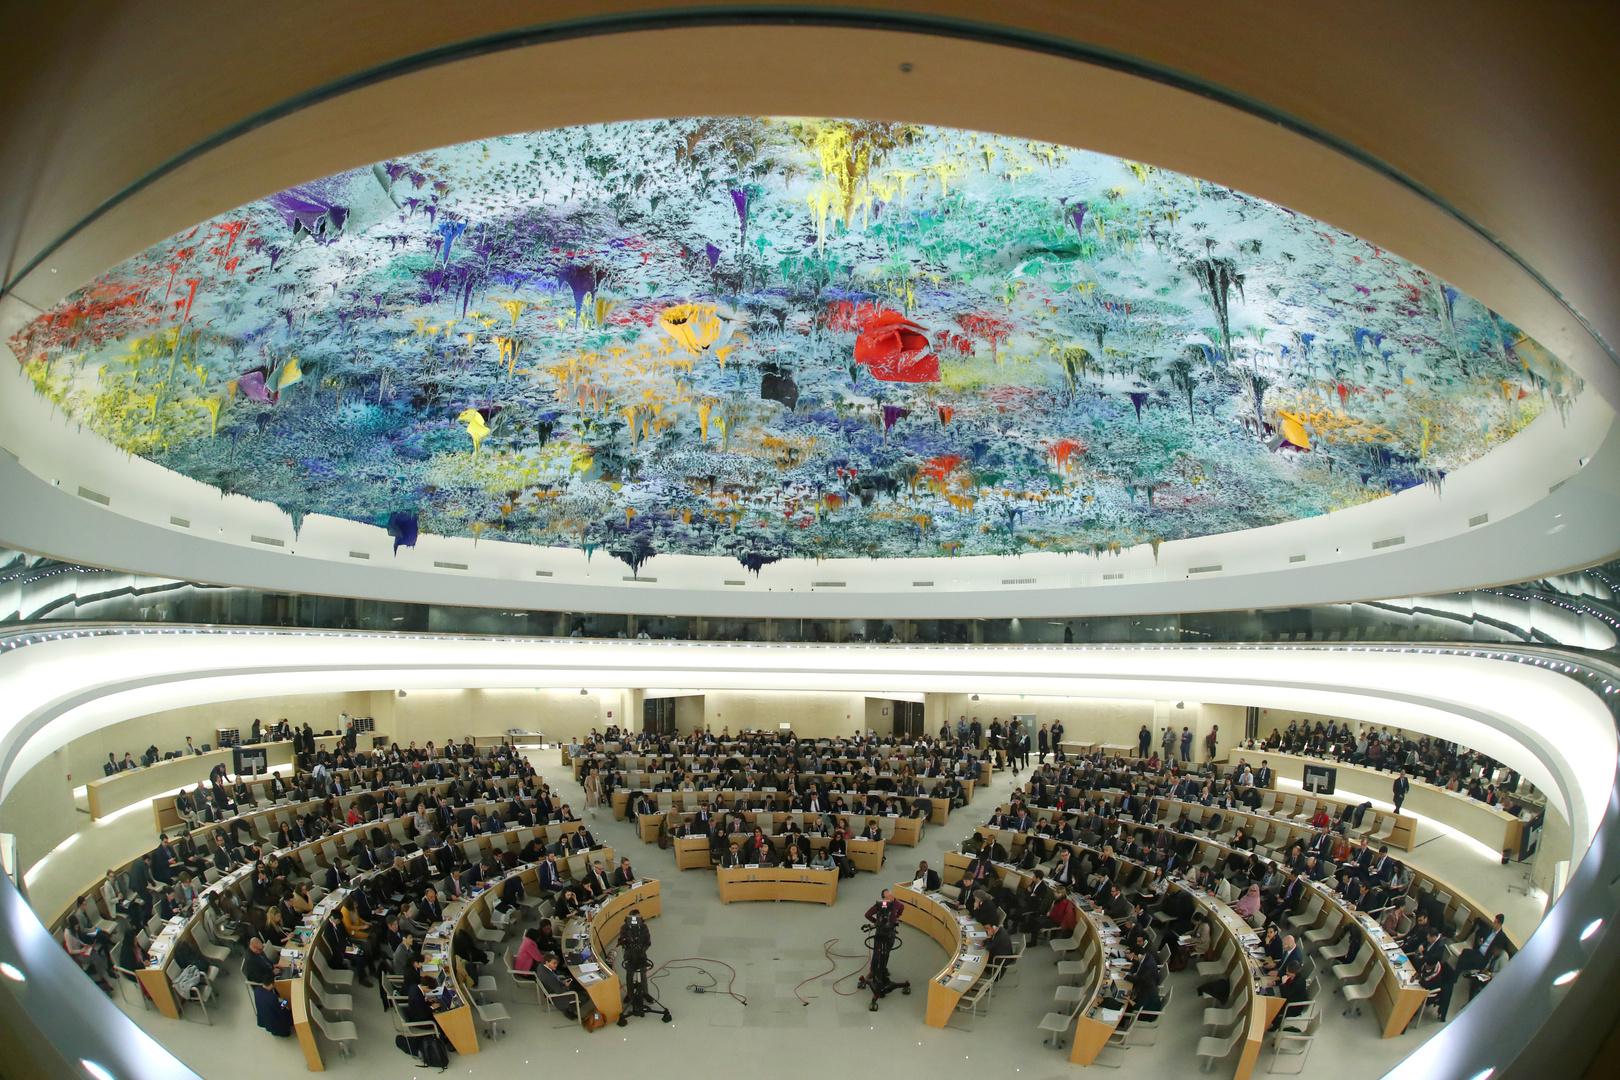 مجلس الأمم المتحدة لحقوق الإنسان يعقد دورة استثنائية حول أفغانستان